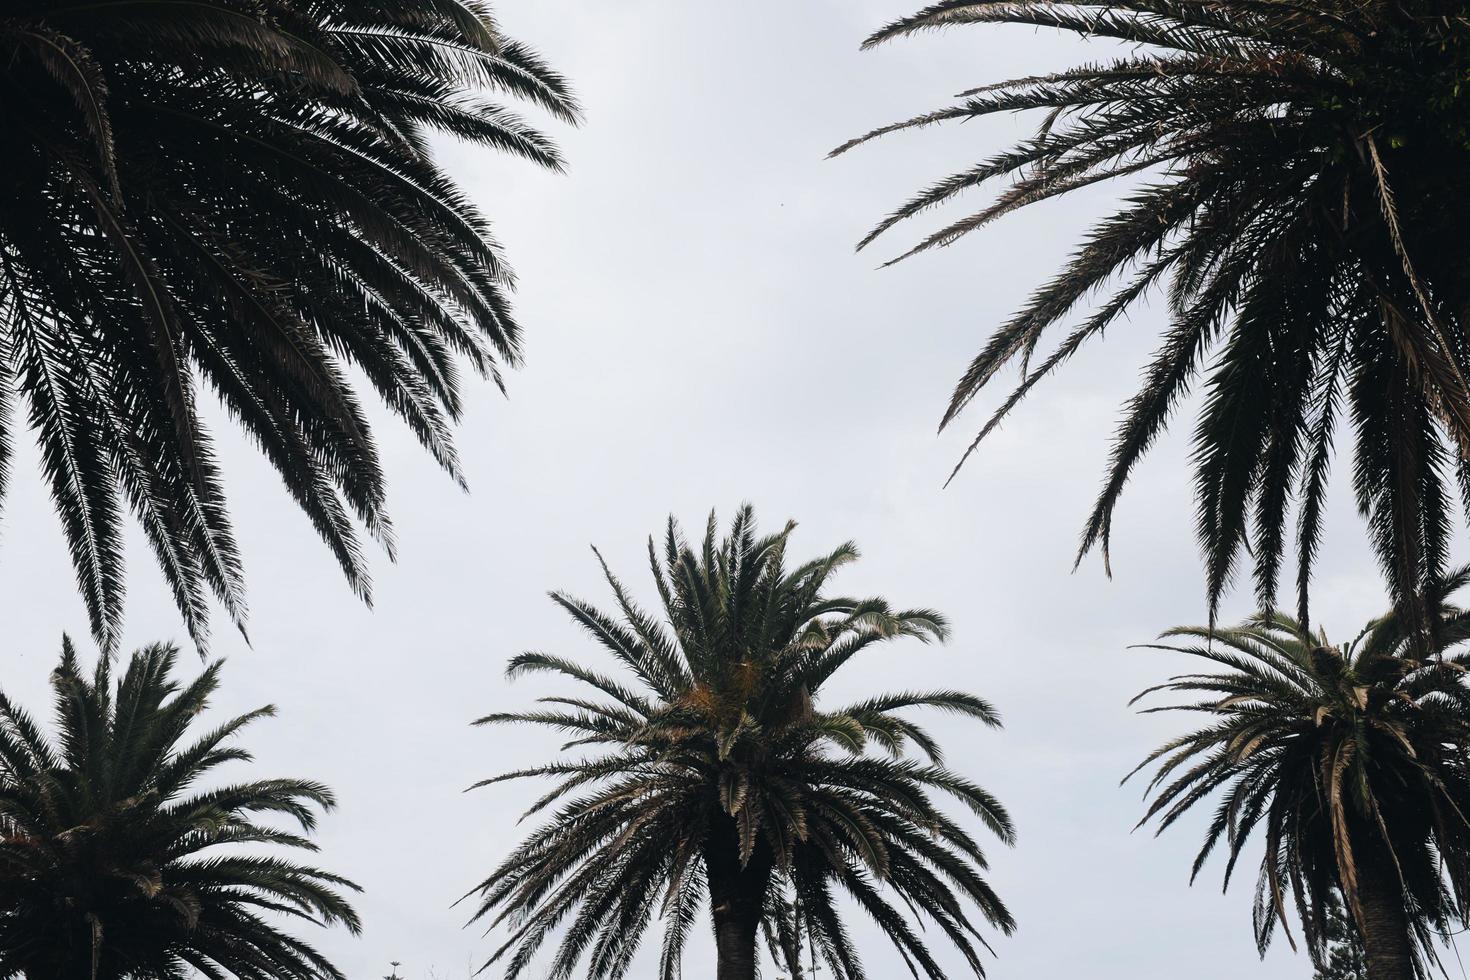 palmeras tropicales foto